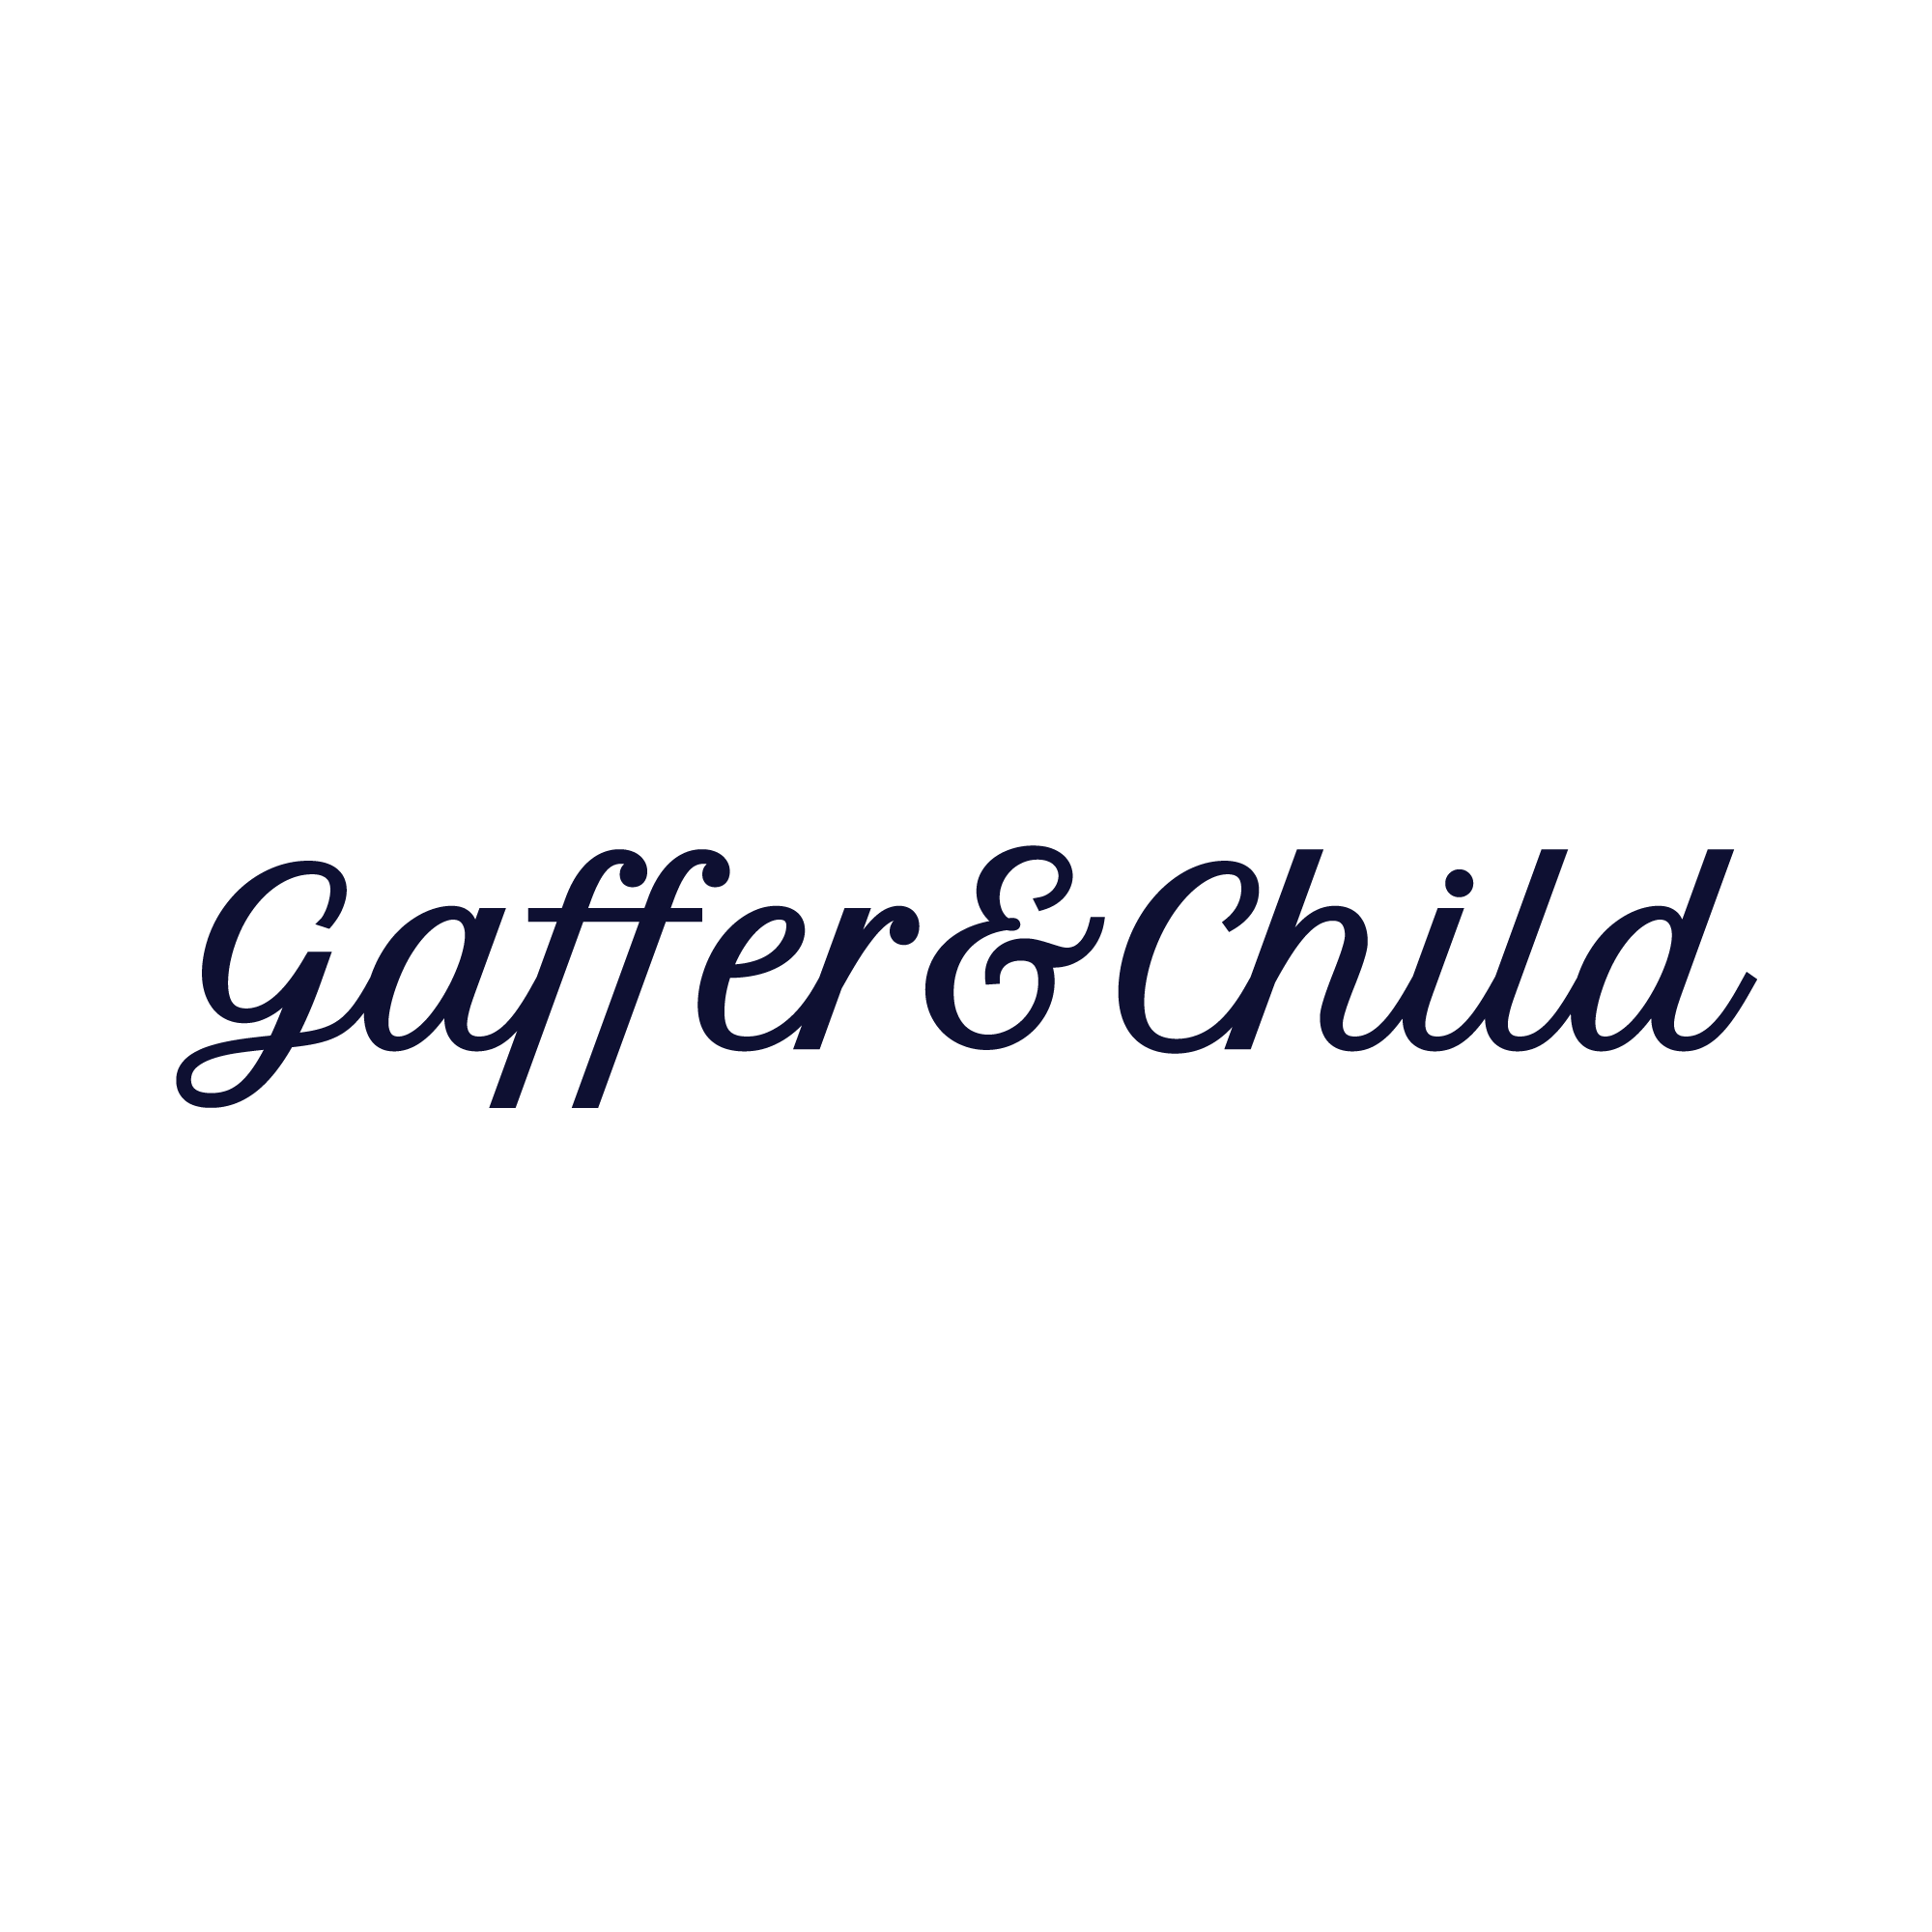 Gaffer & Child.png